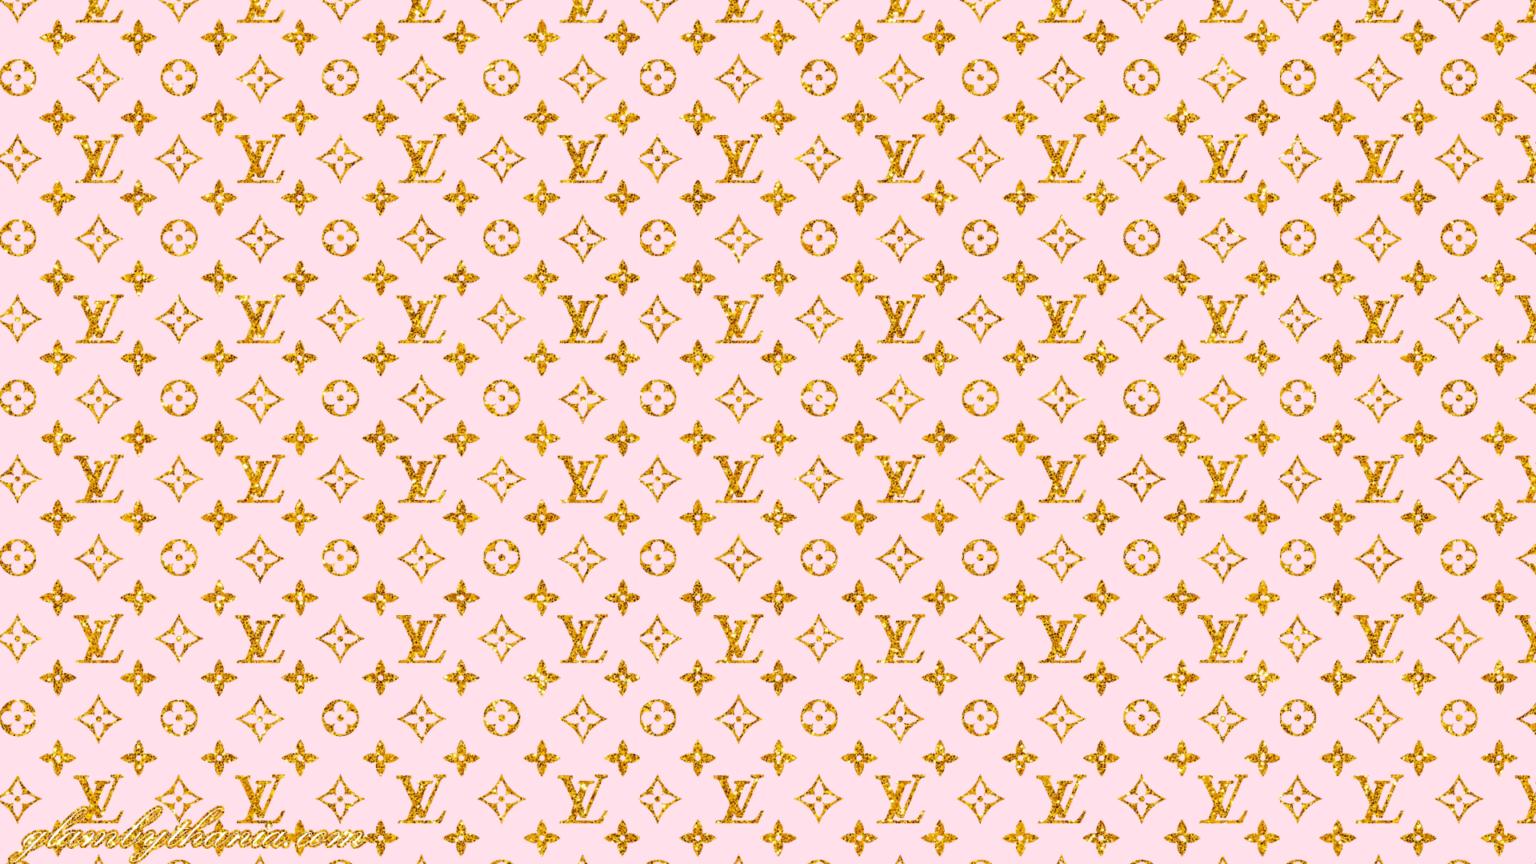 Free Designer Desktop Wallpapers Wallpaper Iphone Cute Free Design Wallpaper